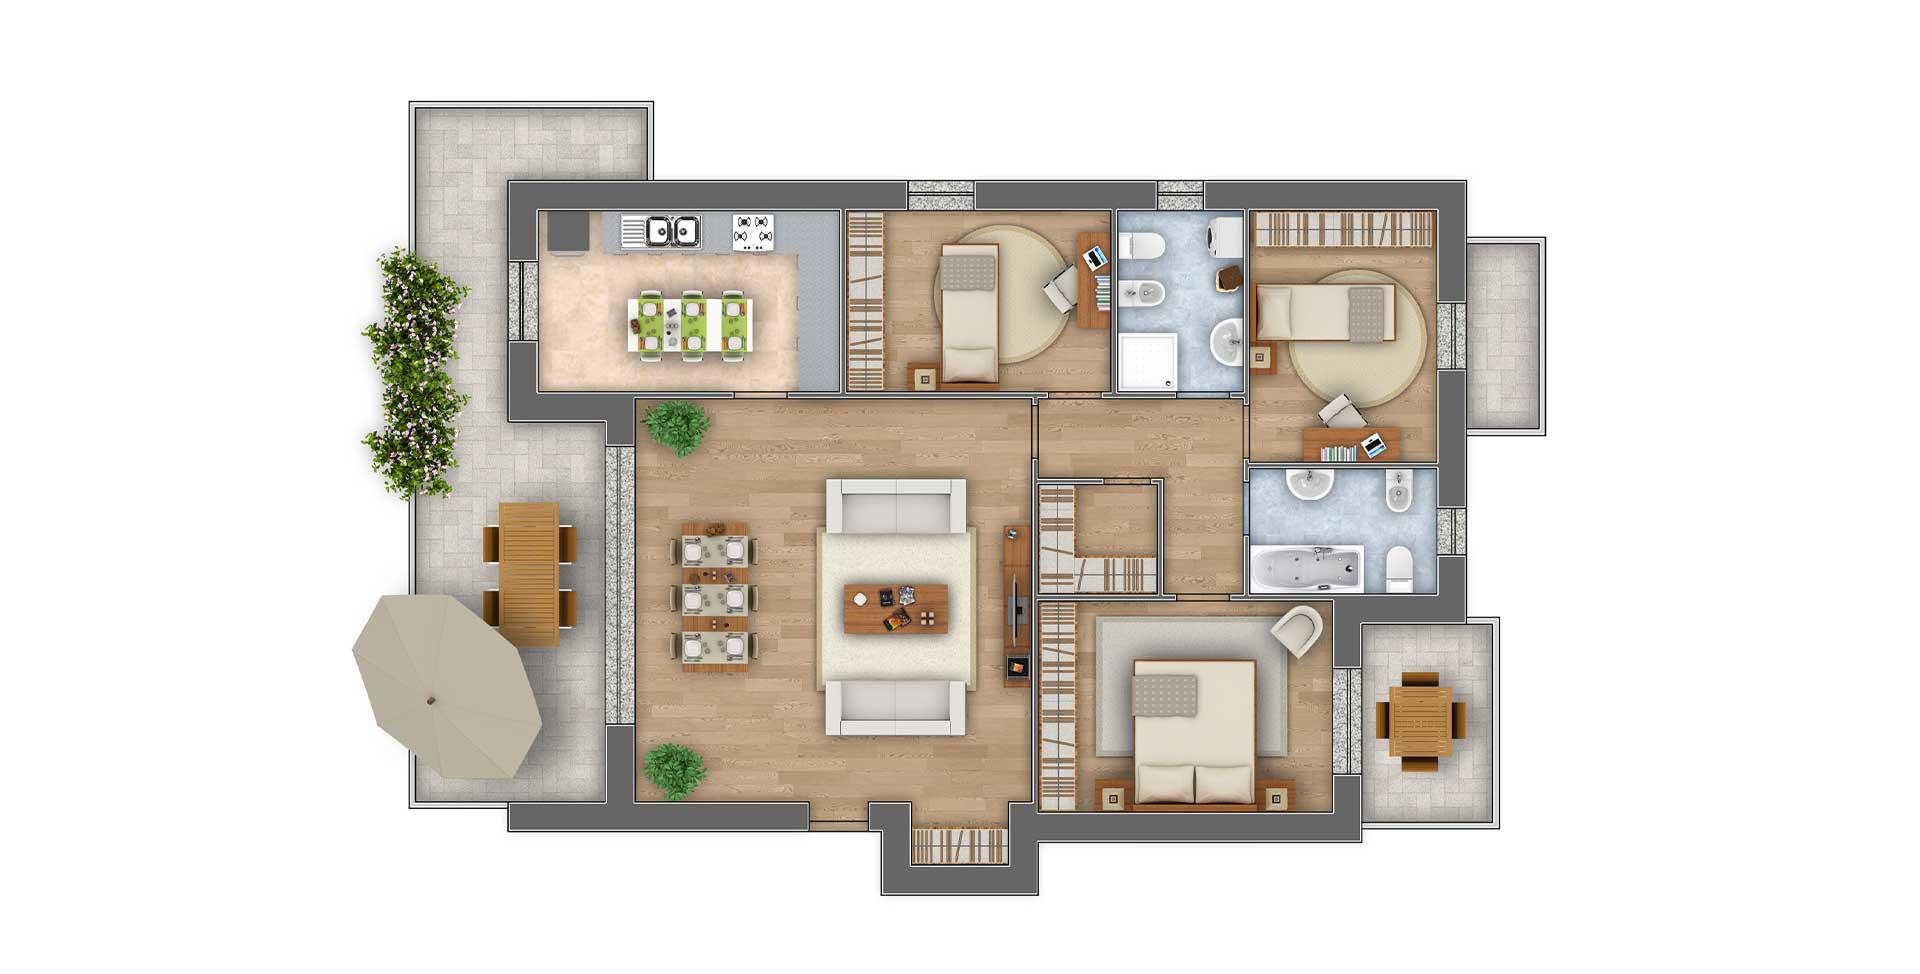 Girasoli 2 attico appartamento 06